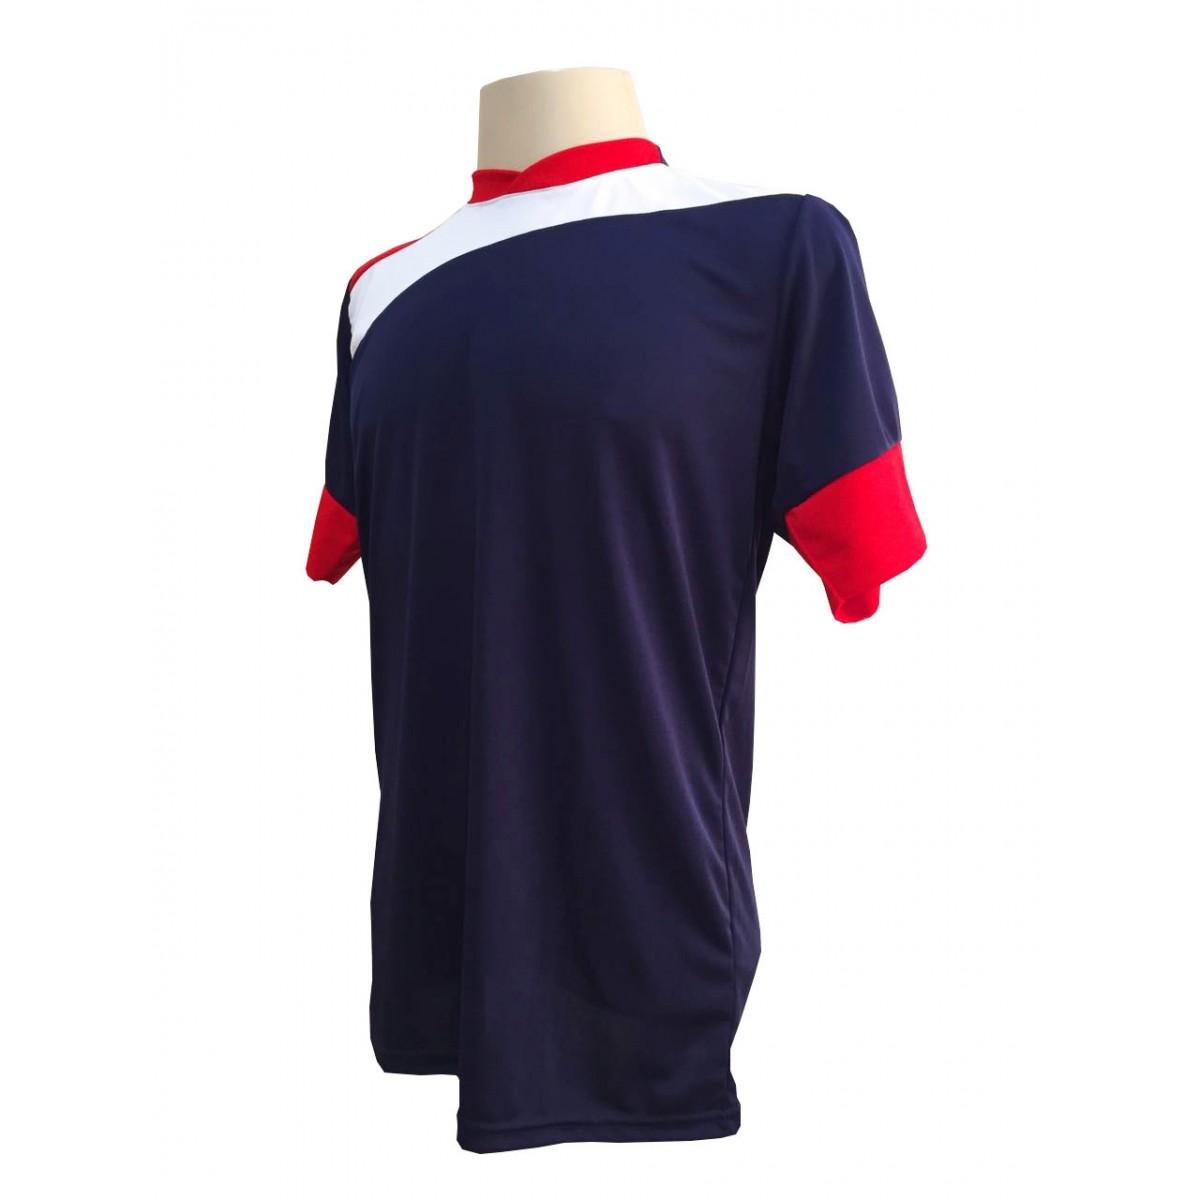 Uniforme Esportivo com 14 camisas modelo Sporting Marinho/Vermelho/Branco + 14 calções modelo Madrid Branco + Brindes